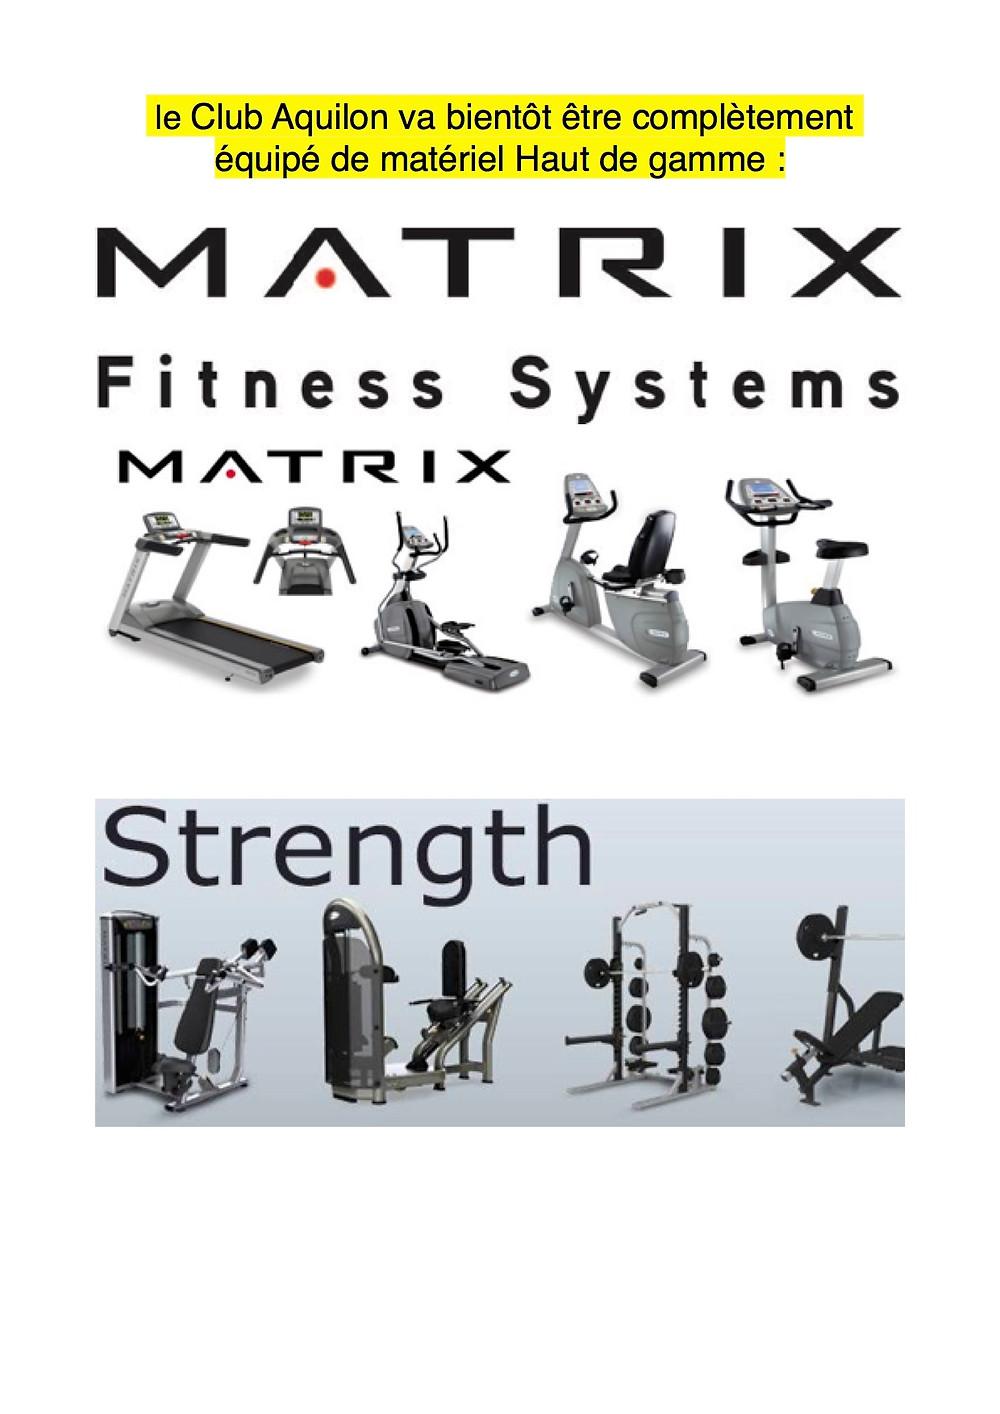 Changement de l'ensemble du matériel Cardio et Musculation fin février début mars 2017.